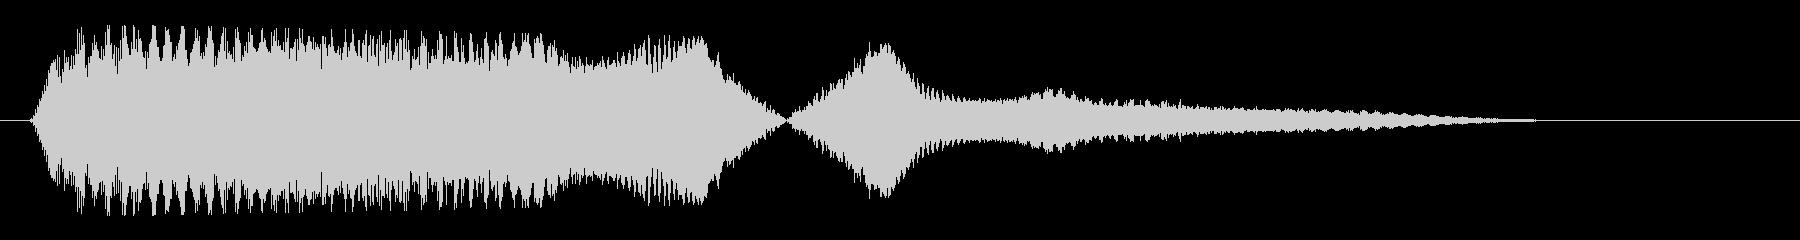 プヤァァ(高音・かわいい)の未再生の波形